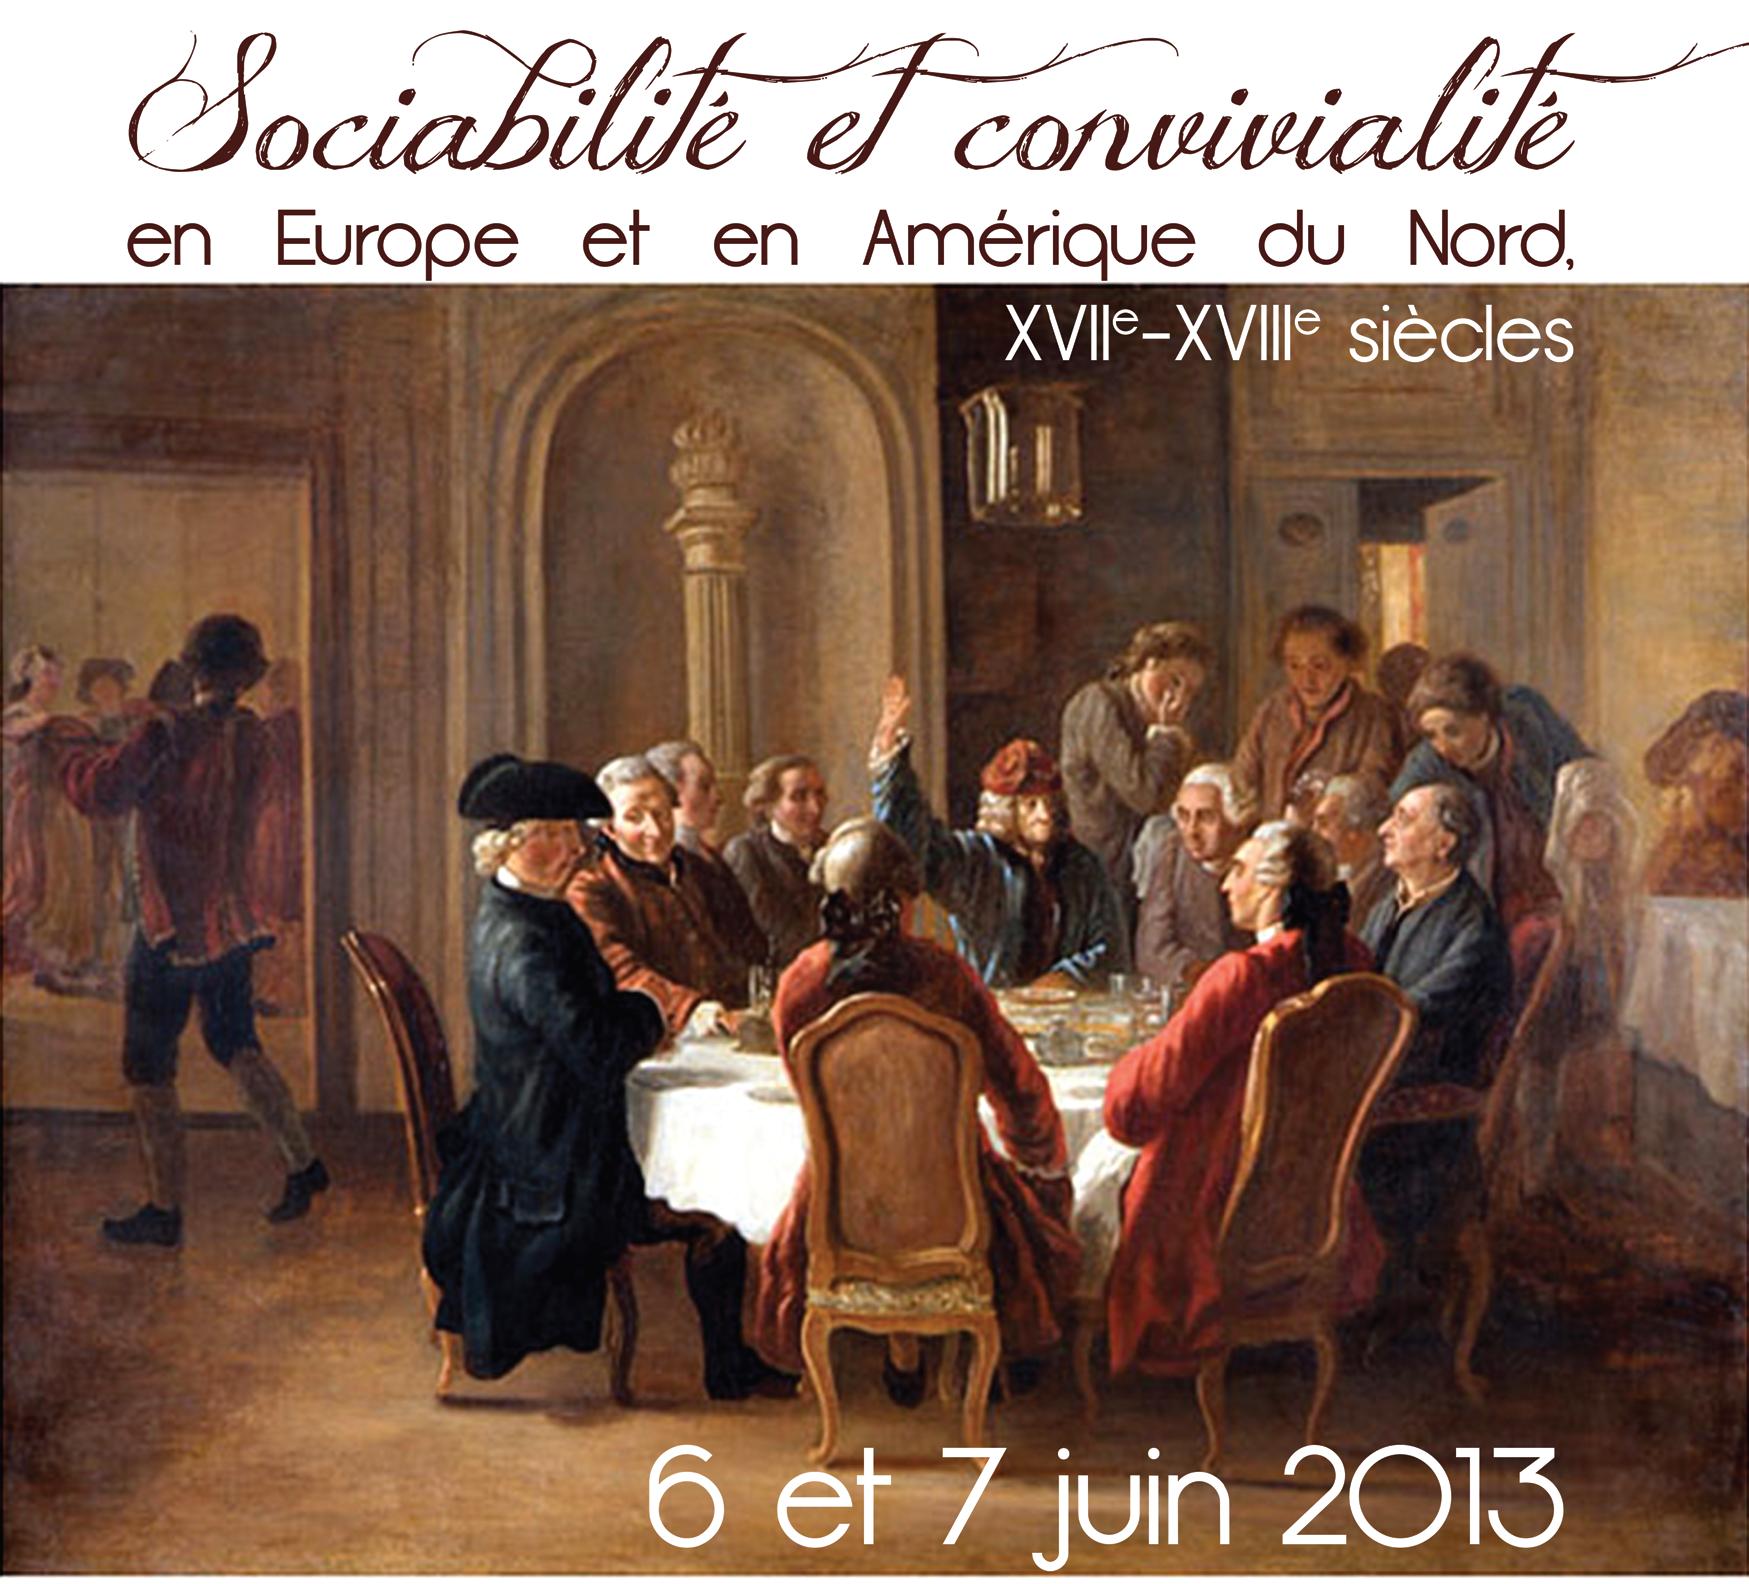 Sociabilité et convivialité en Europe et en Amérique du Nord, XVIIe-XVIIIe siècles (2013, Bordeaux)